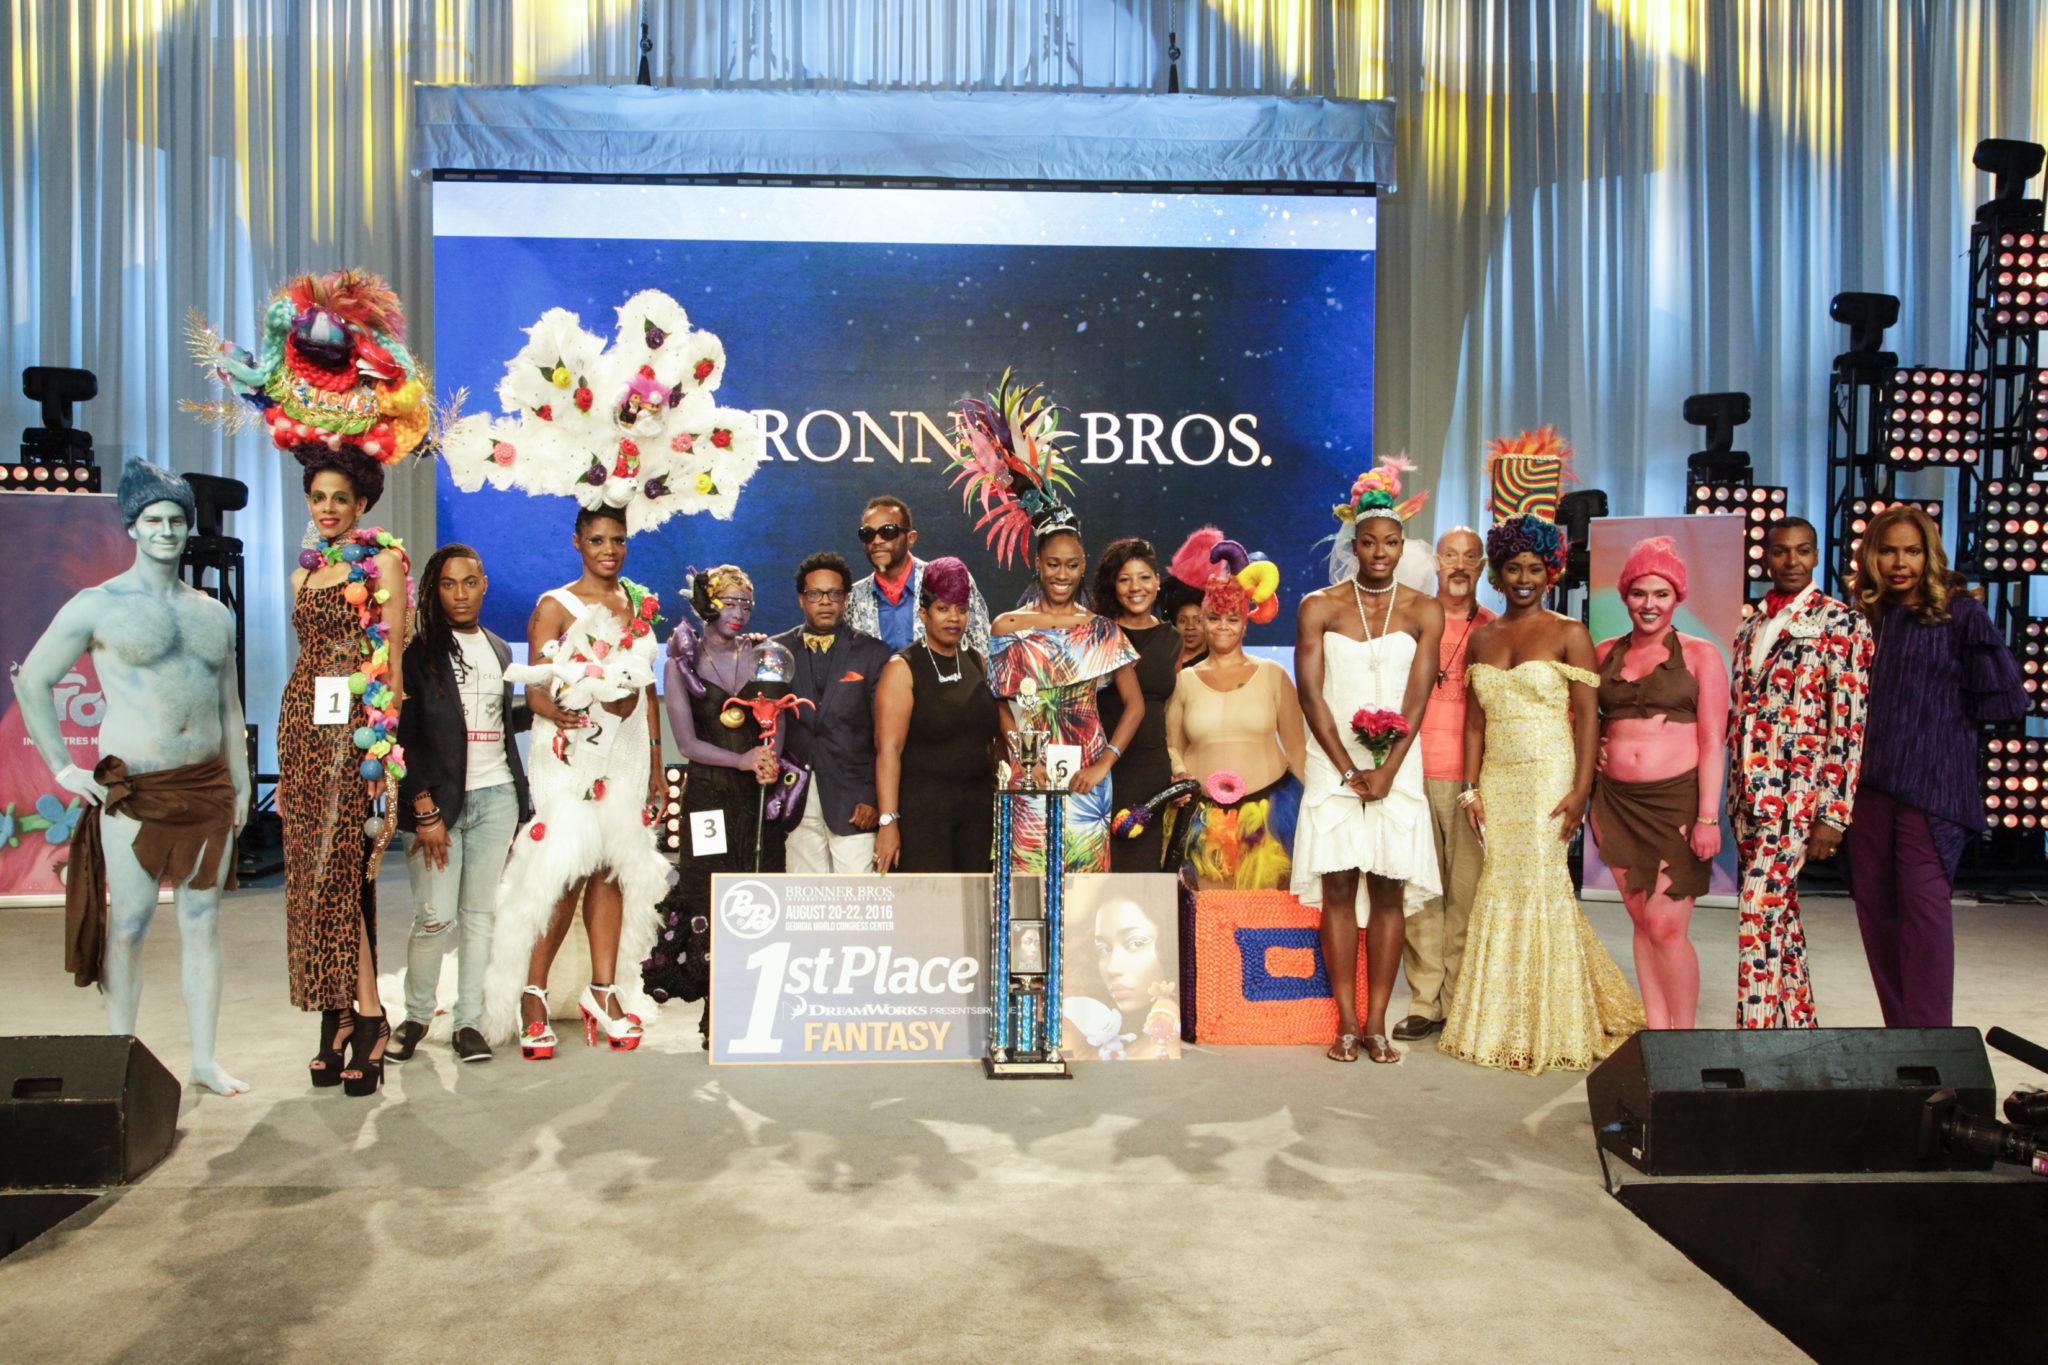 'Trolls' Takeover Bronner Bros Show In Atlanta